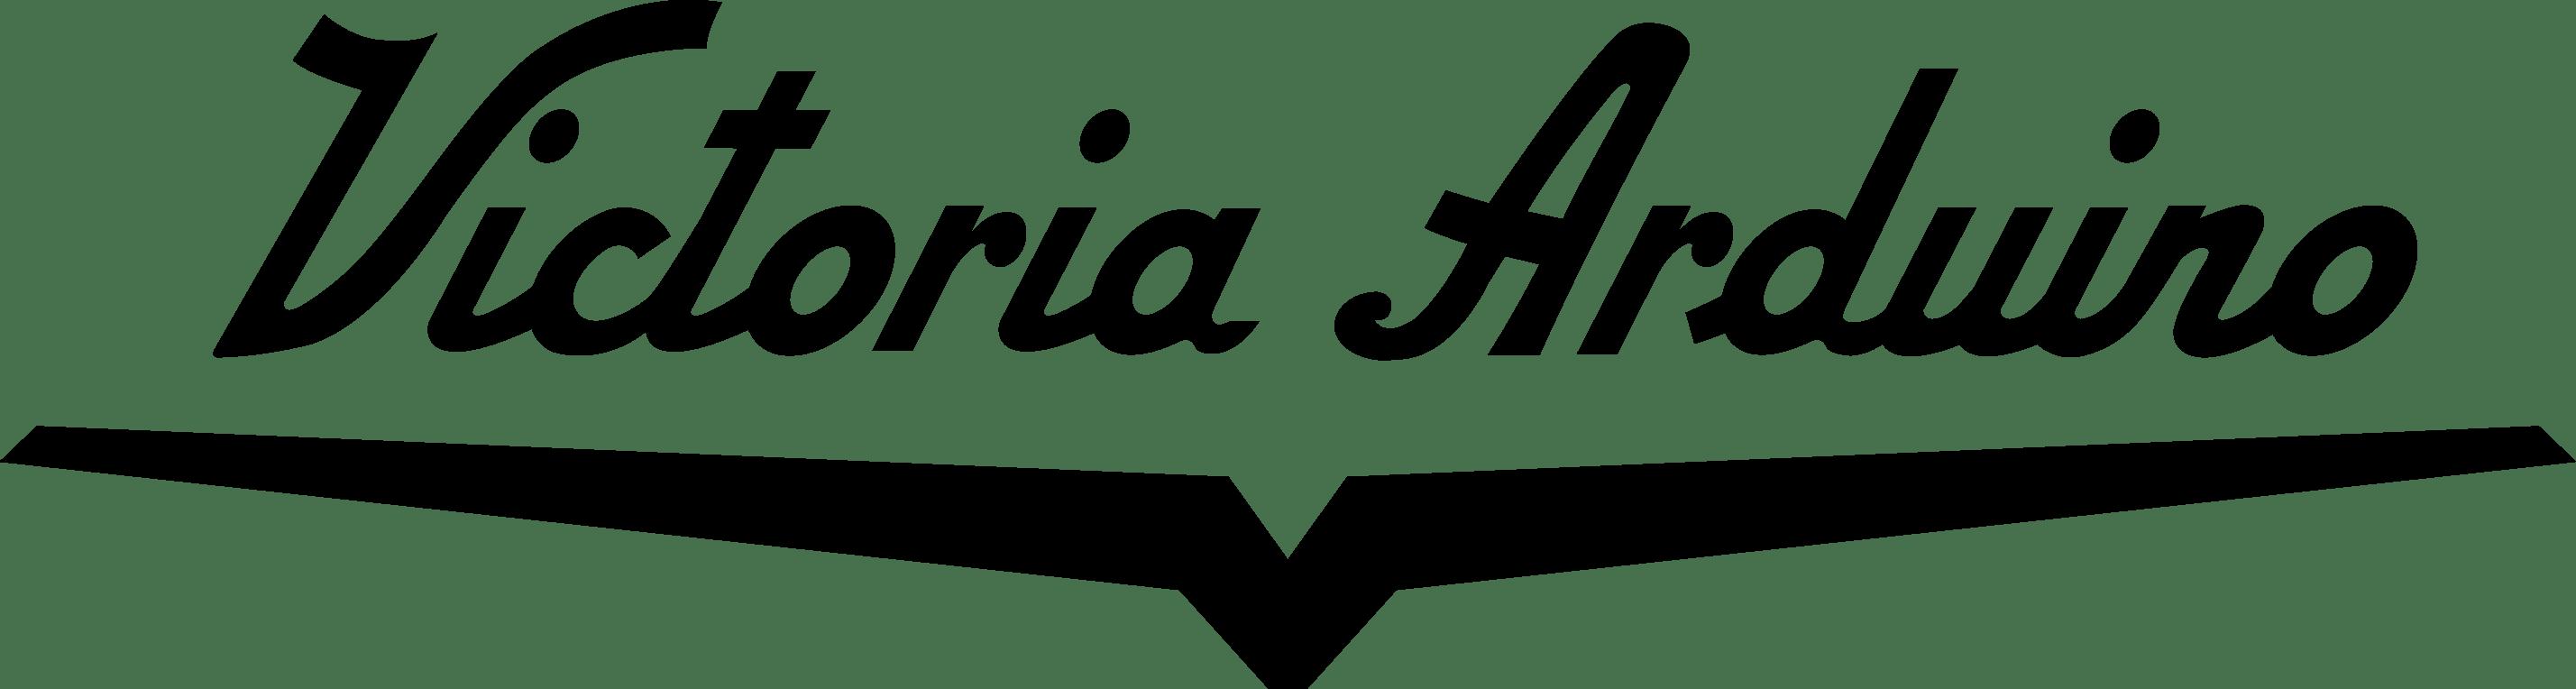 Victoria Arduino Mythos One Grinder Blades